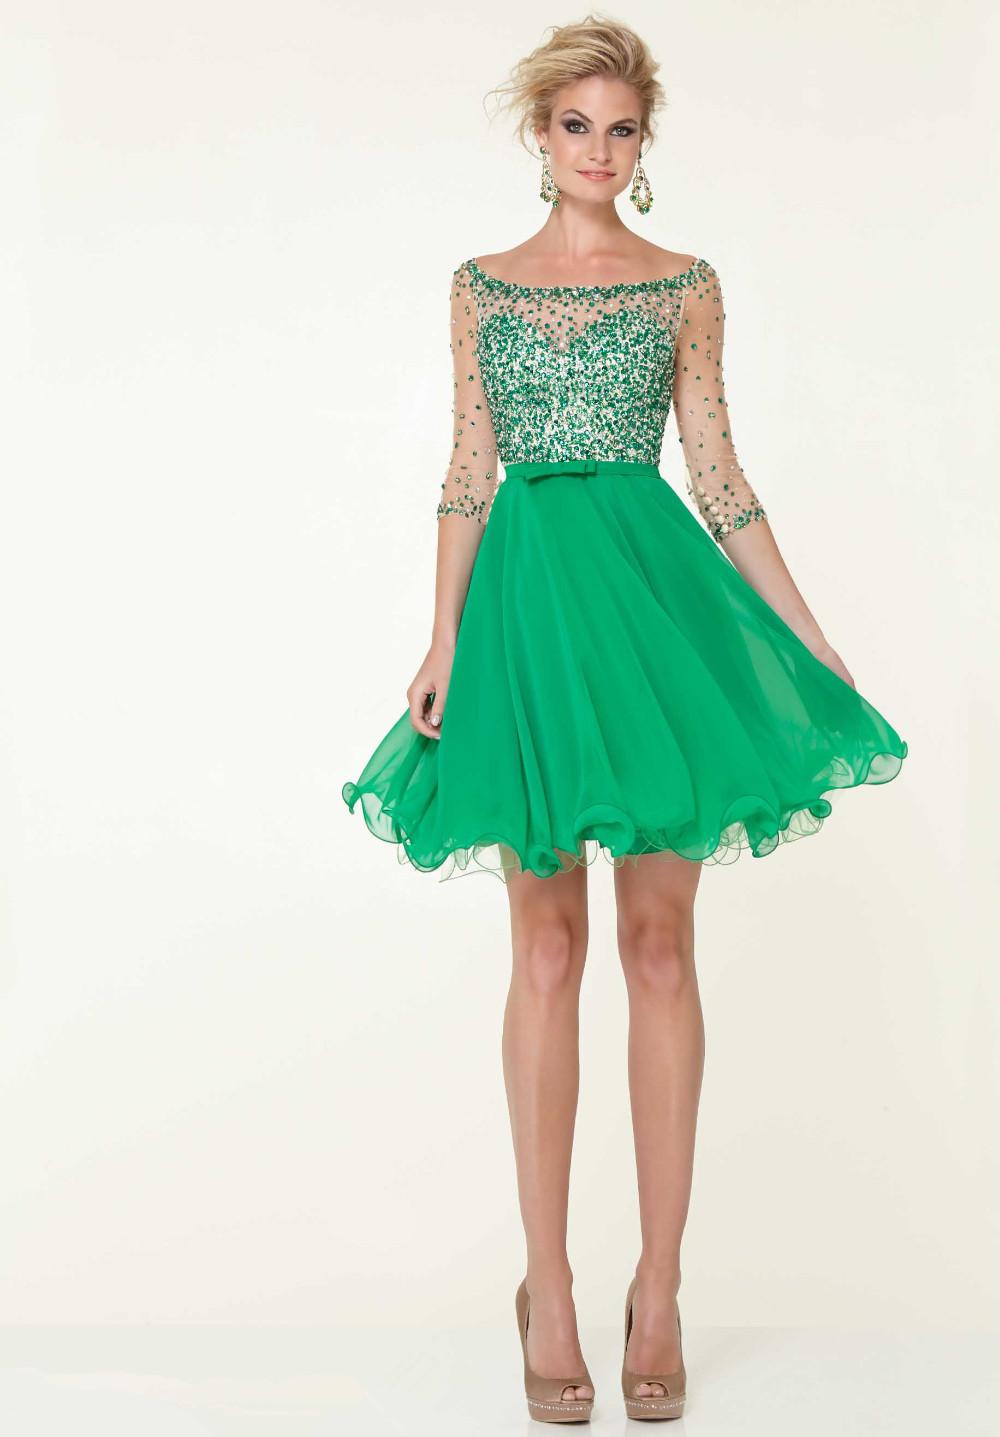 5a3164090 Caliente venta corta verde vestidos fiesta octavo grado vestidos ...